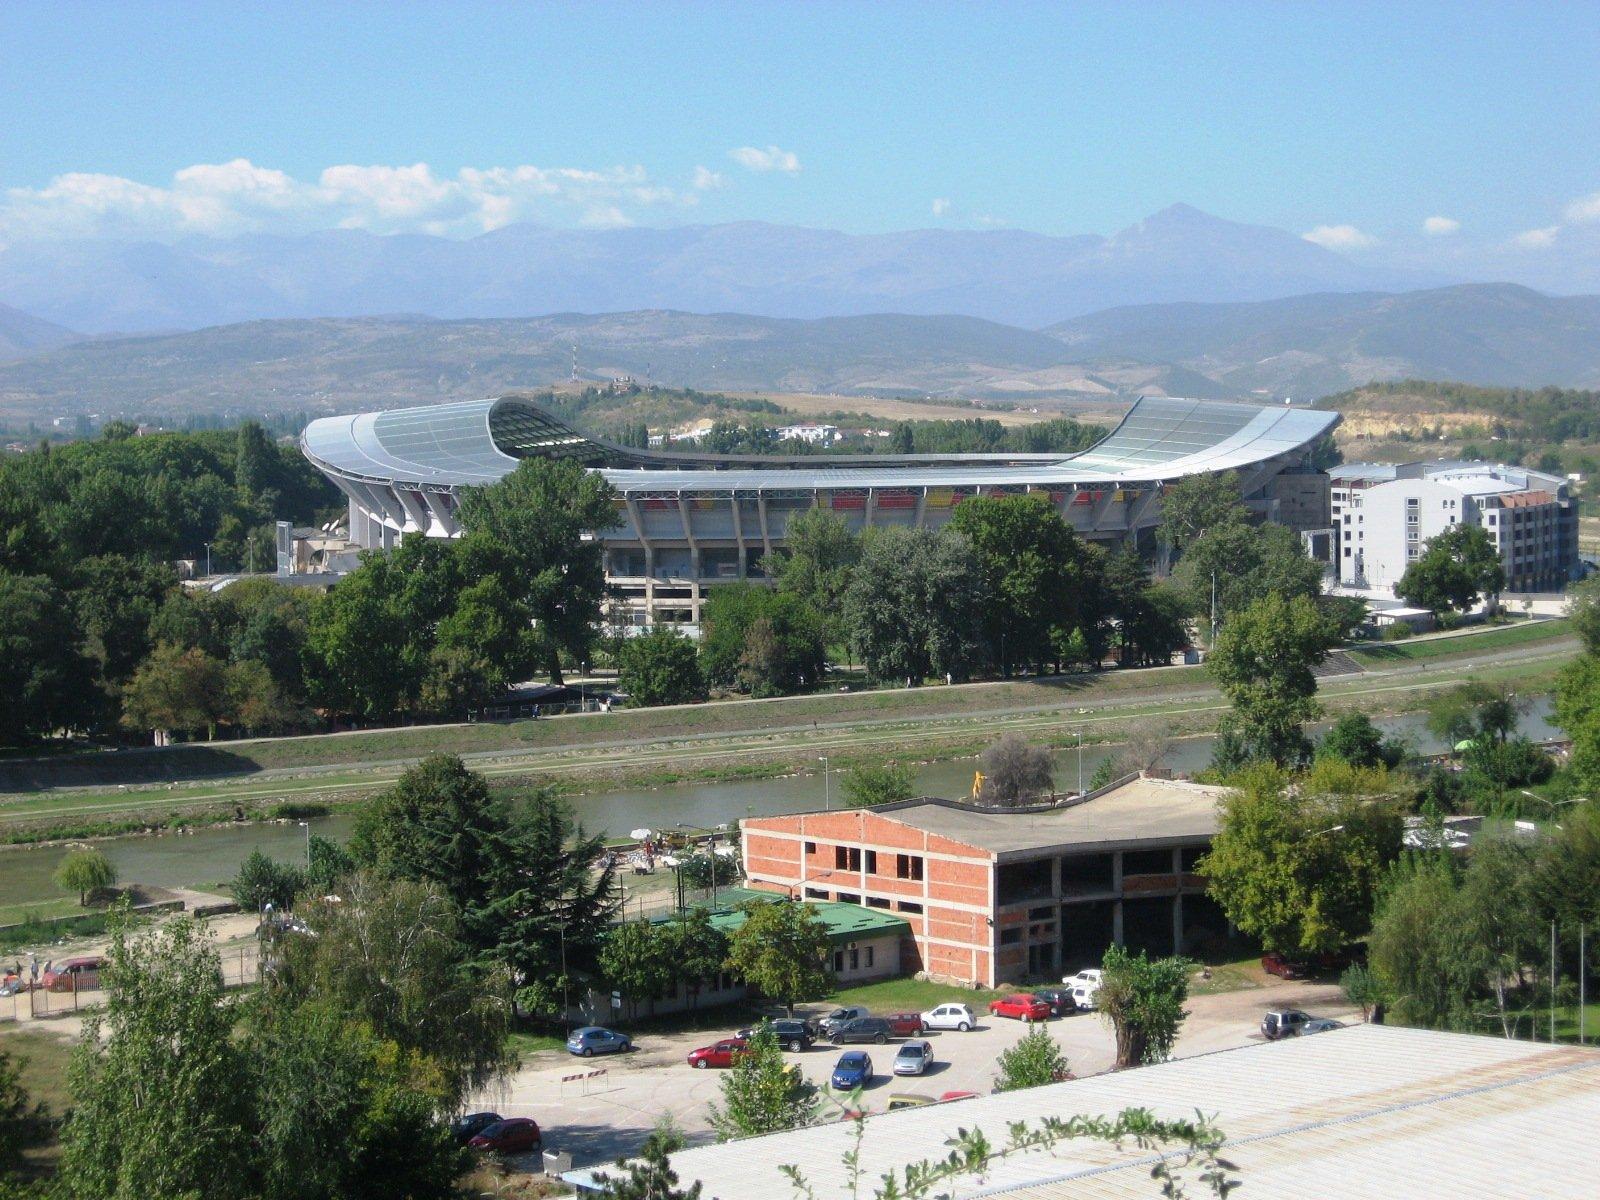 Paikallinen jalkapallostadion